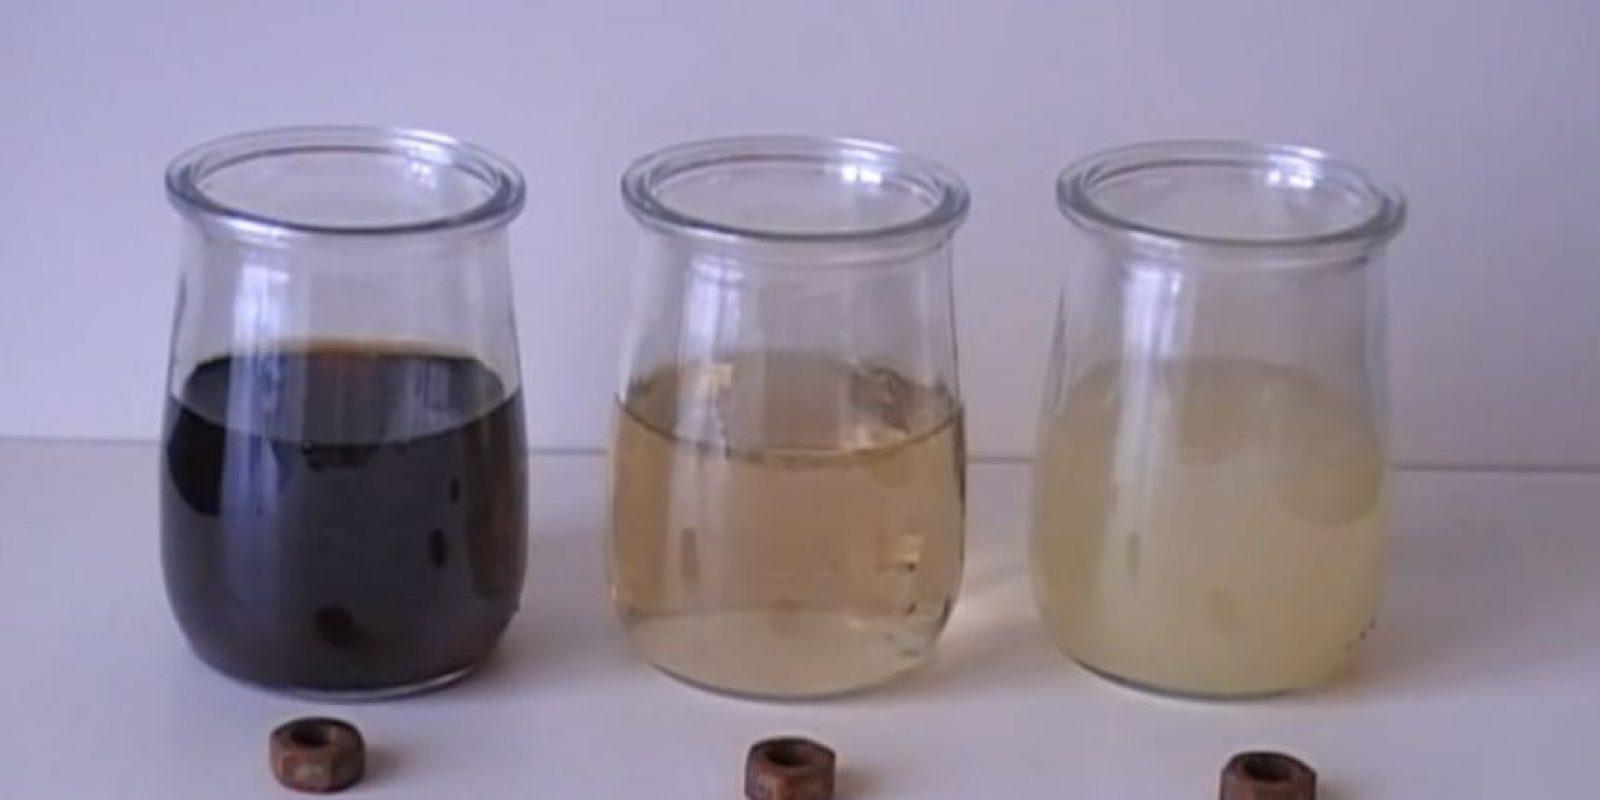 Herramientas oxidadas dentro de refresco de cola Foto:Captura. Imagen Por: